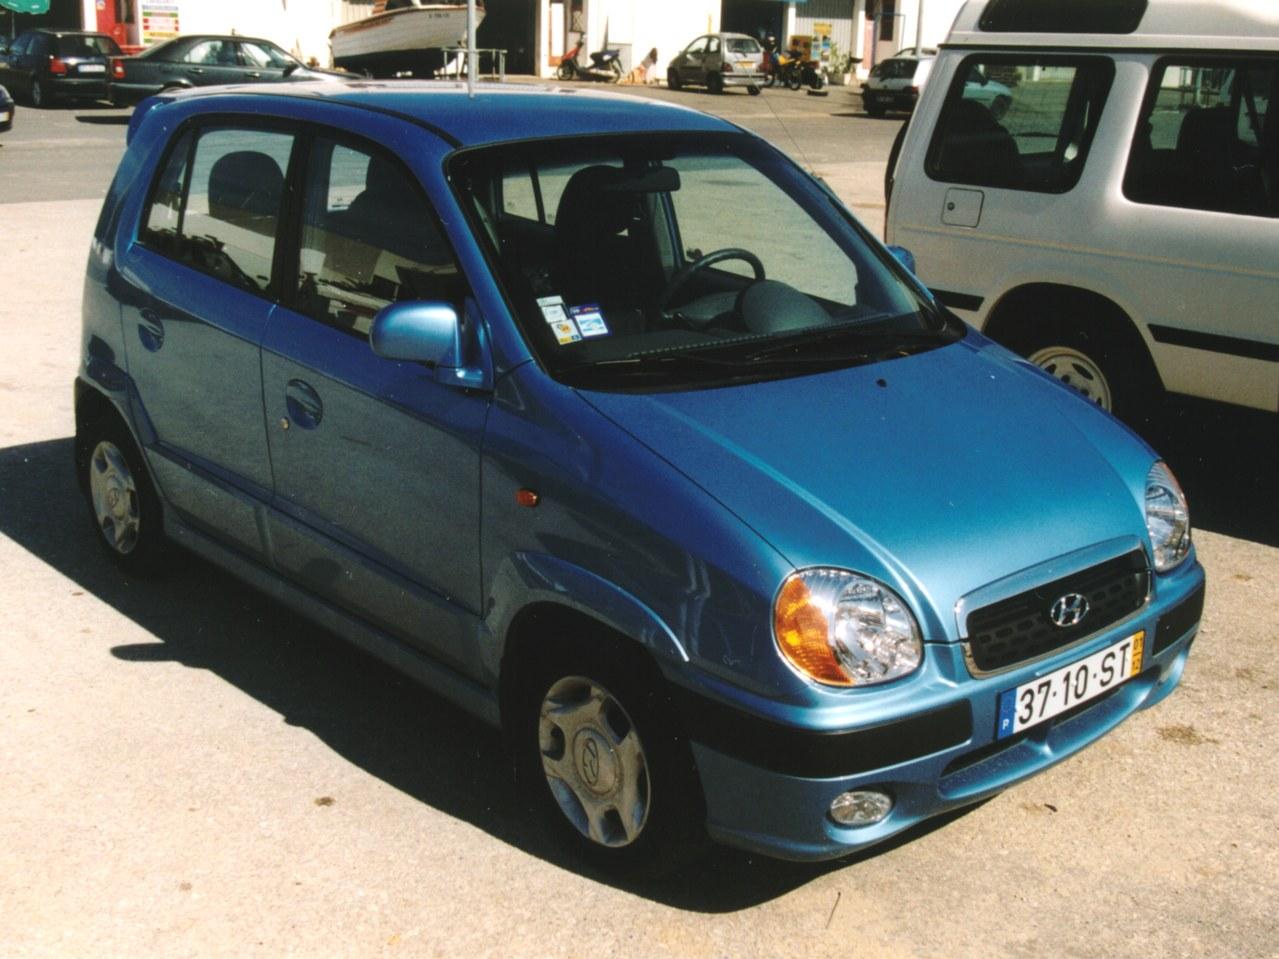 HYUNDAI ATOS blue